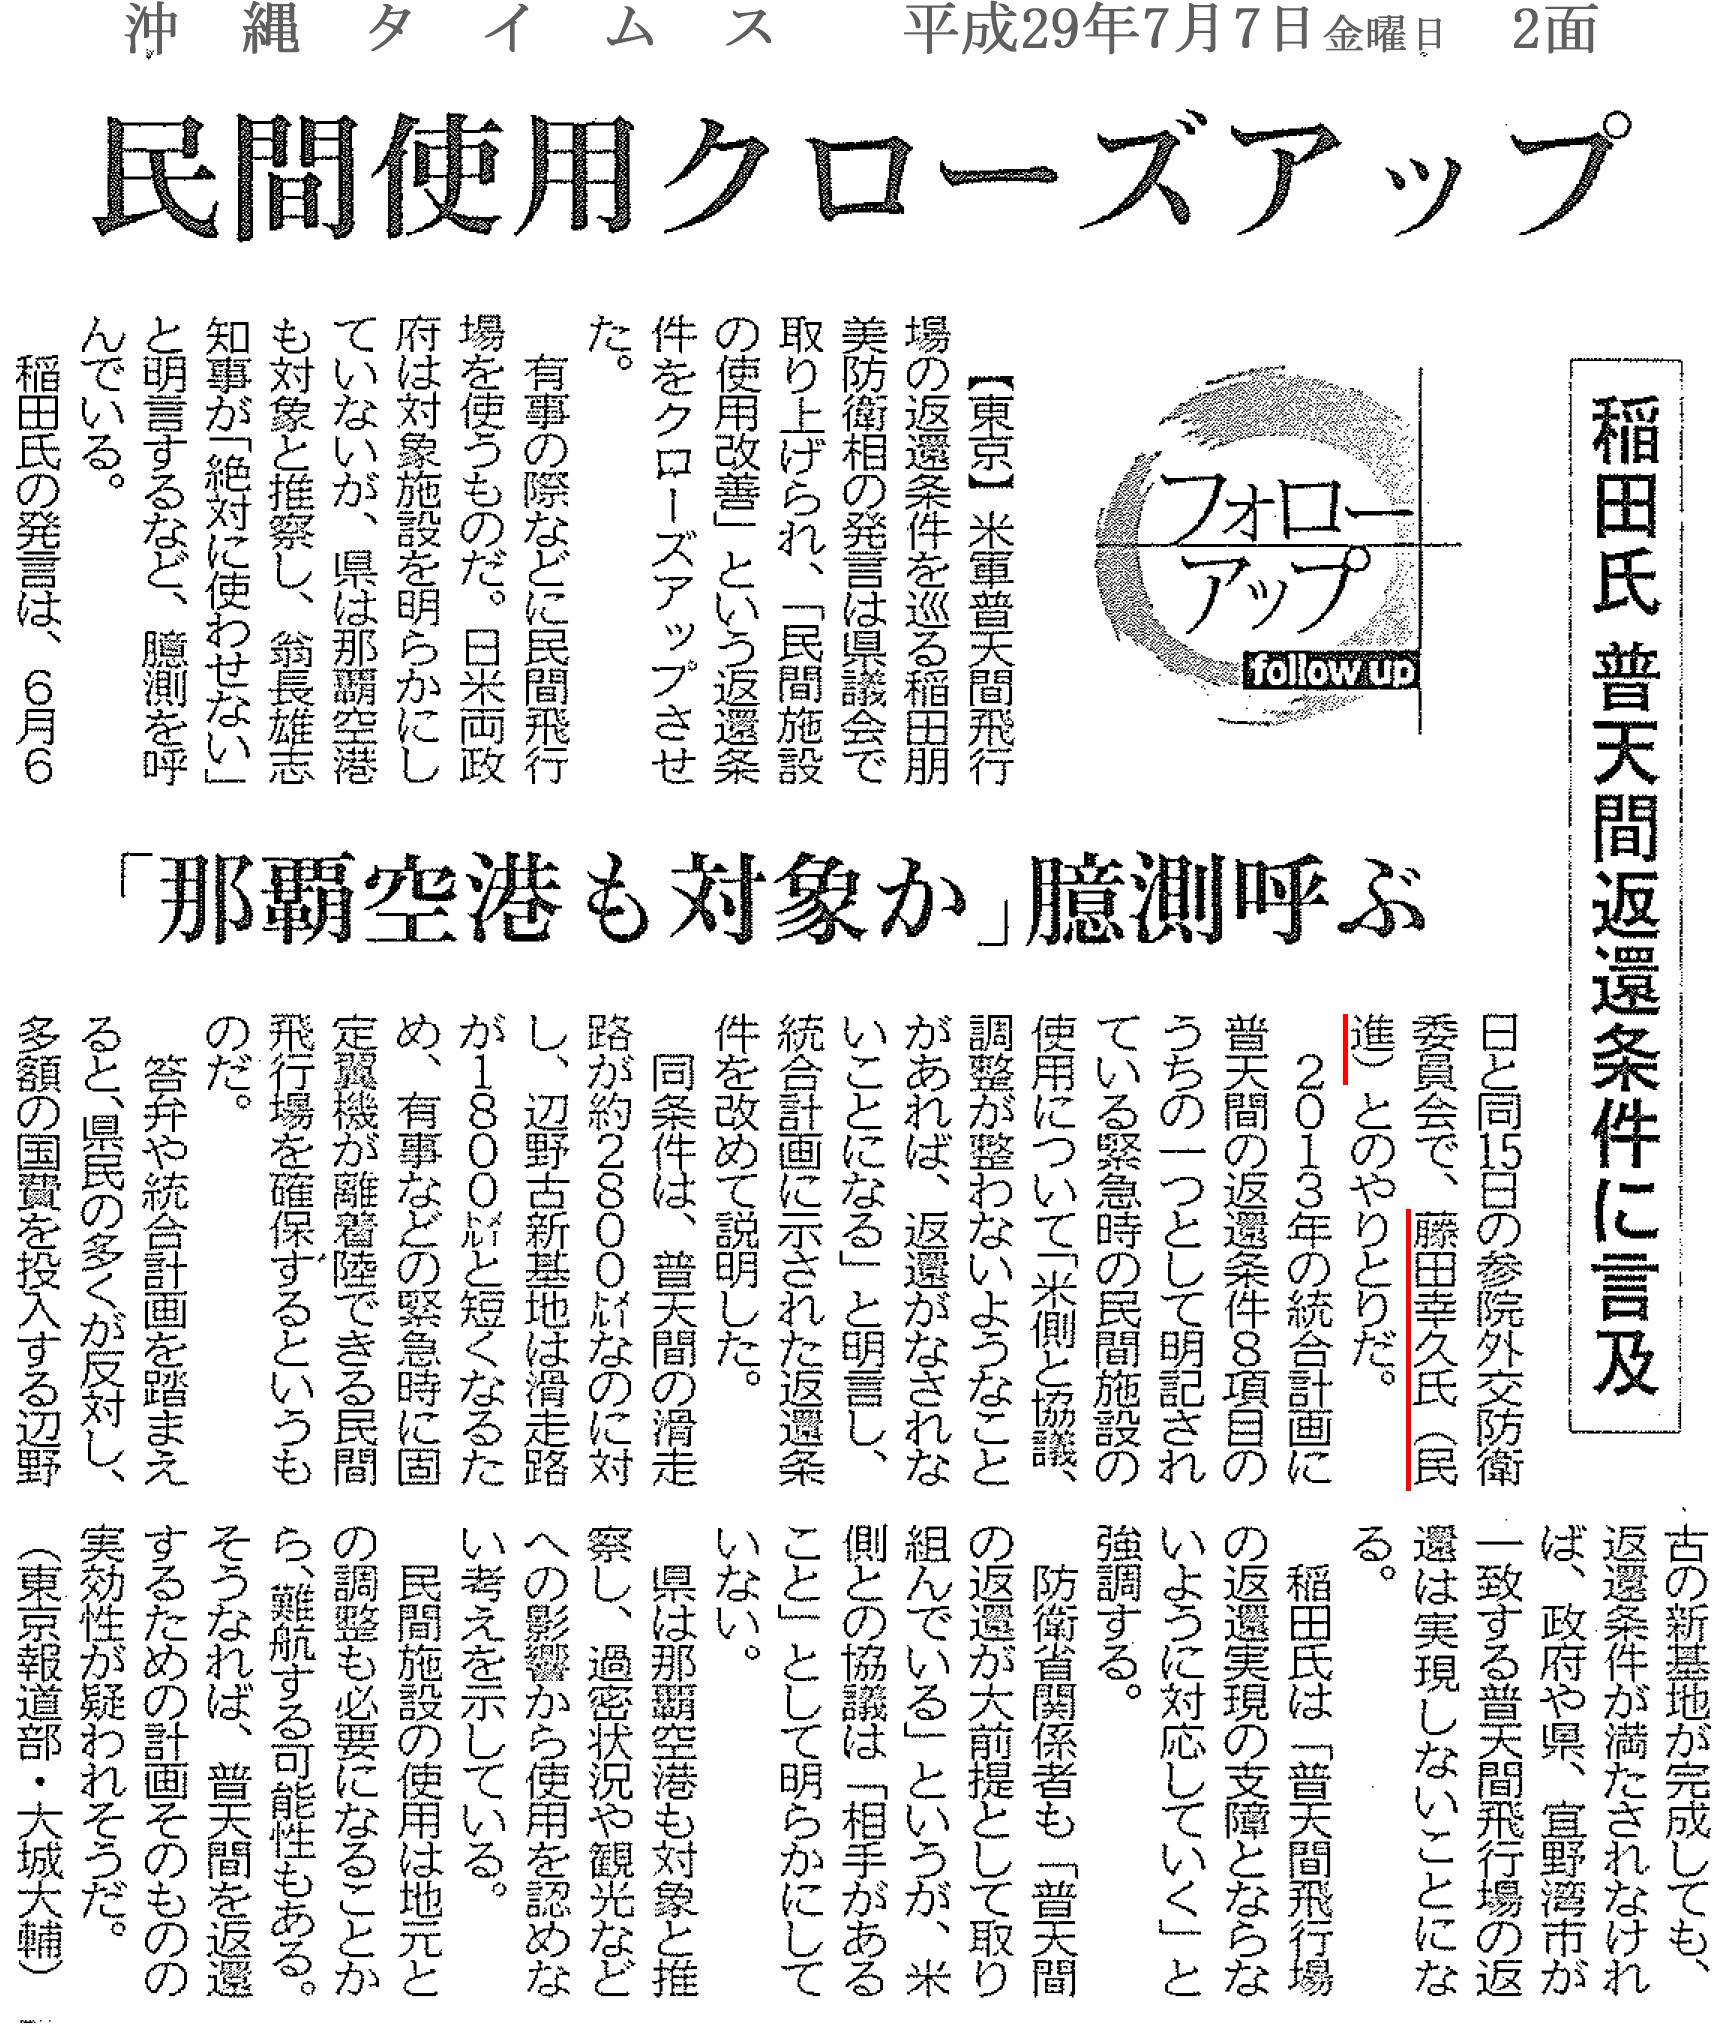 【沖縄タイムス】稲田氏普天間返還条件に言及 「那覇空港も対象か」臆測呼ぶ